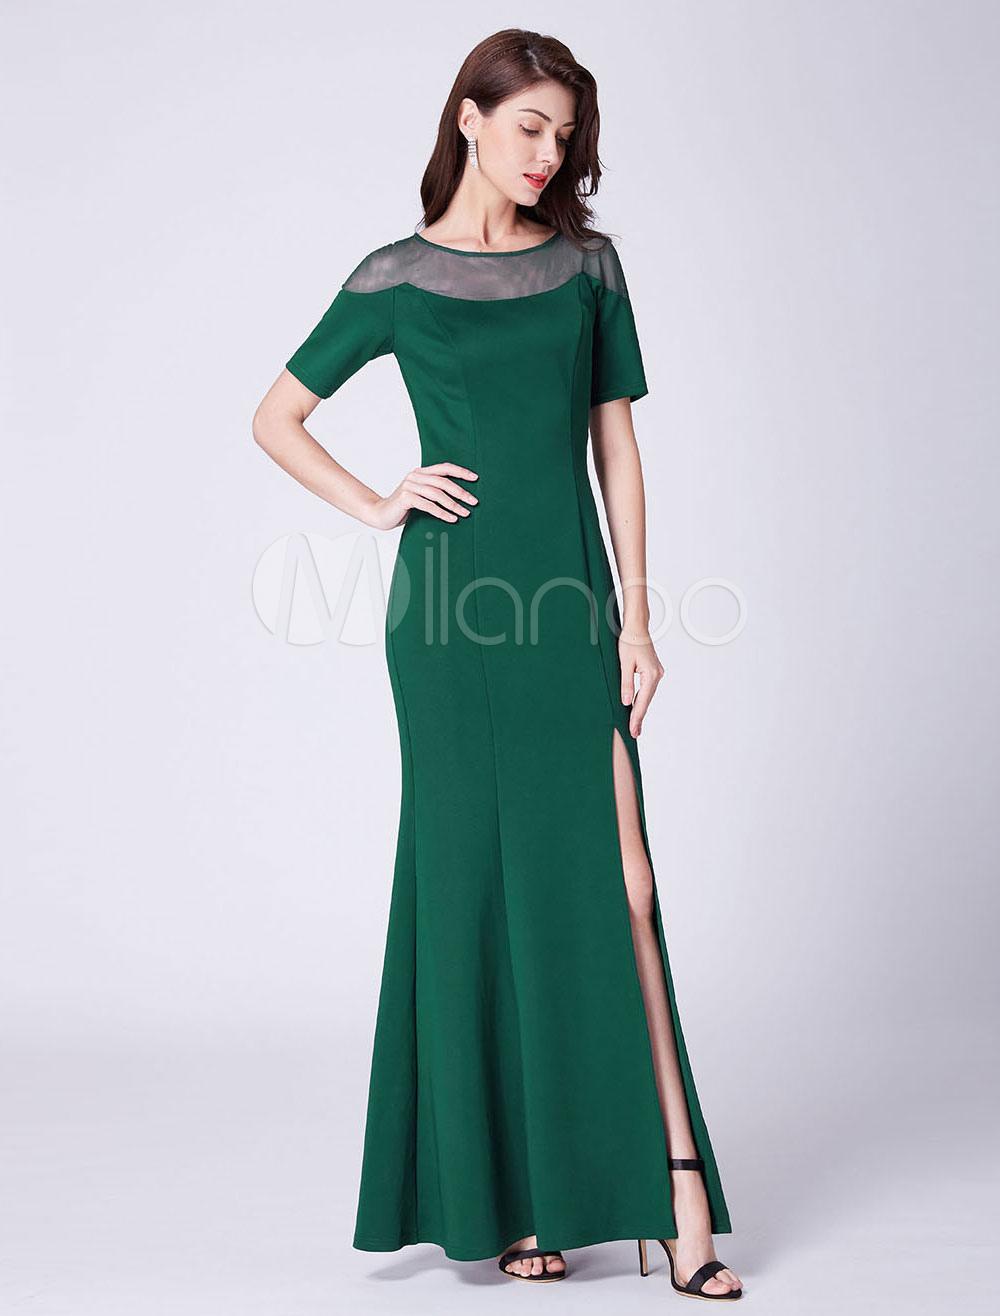 pick up 08ced 73ba5 Abiti da sera verde scuro manica corta sexy abito da sposa fessura